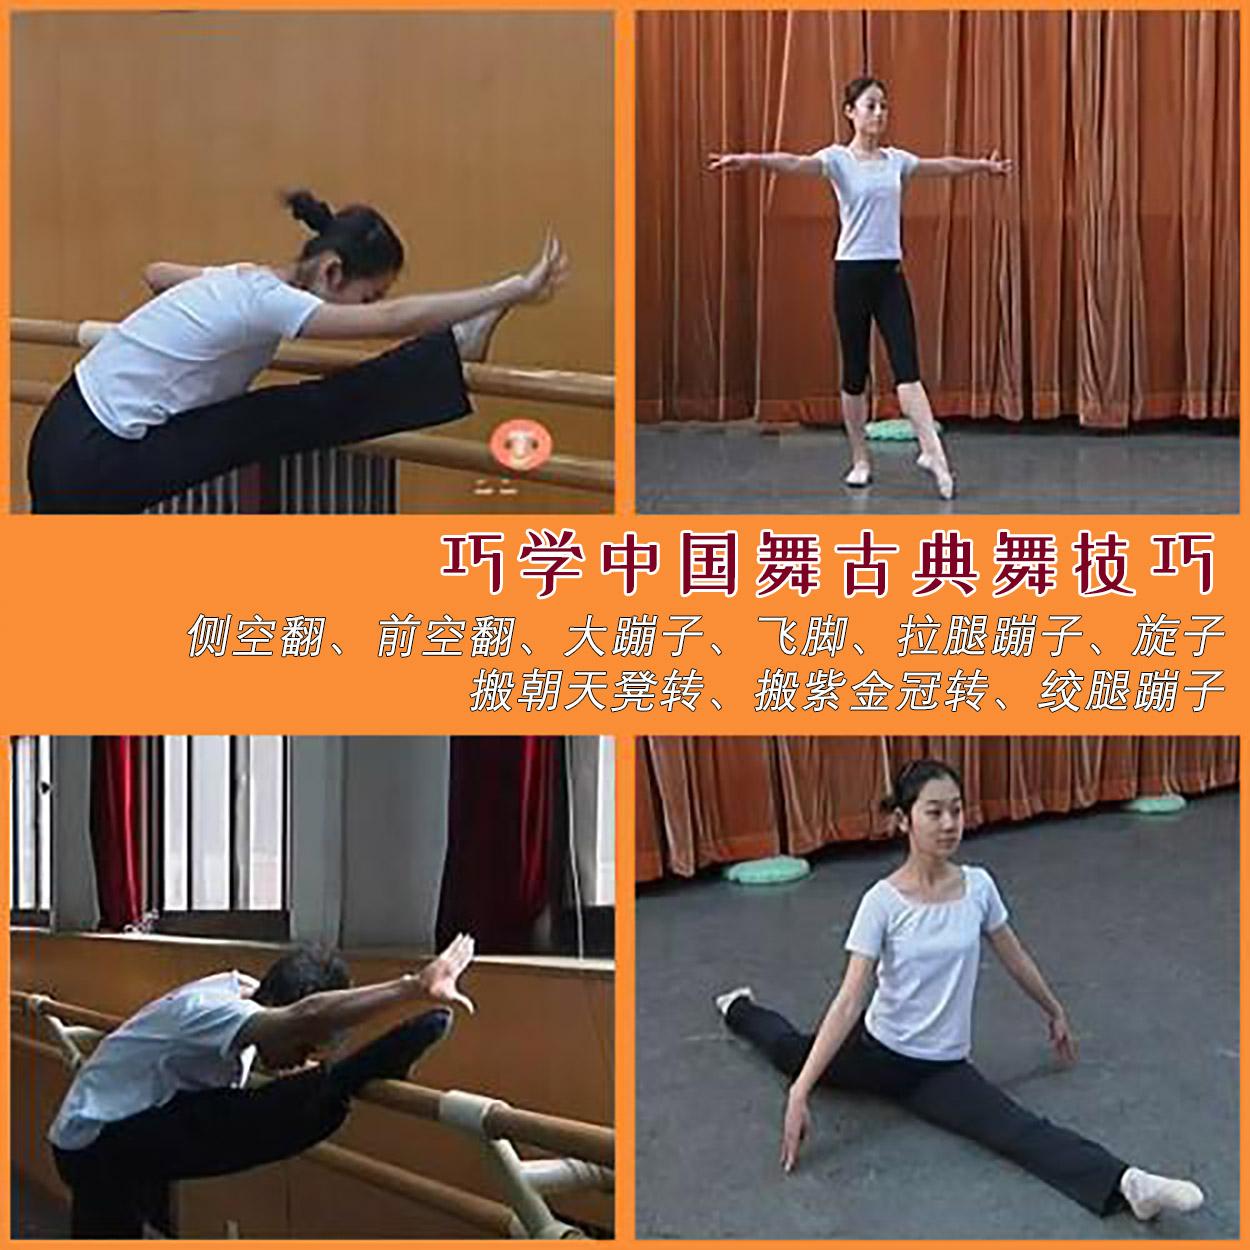 巧学中国舞古典舞技巧教材 示范讲解难点解析 空翻蹦子飞脚旋子